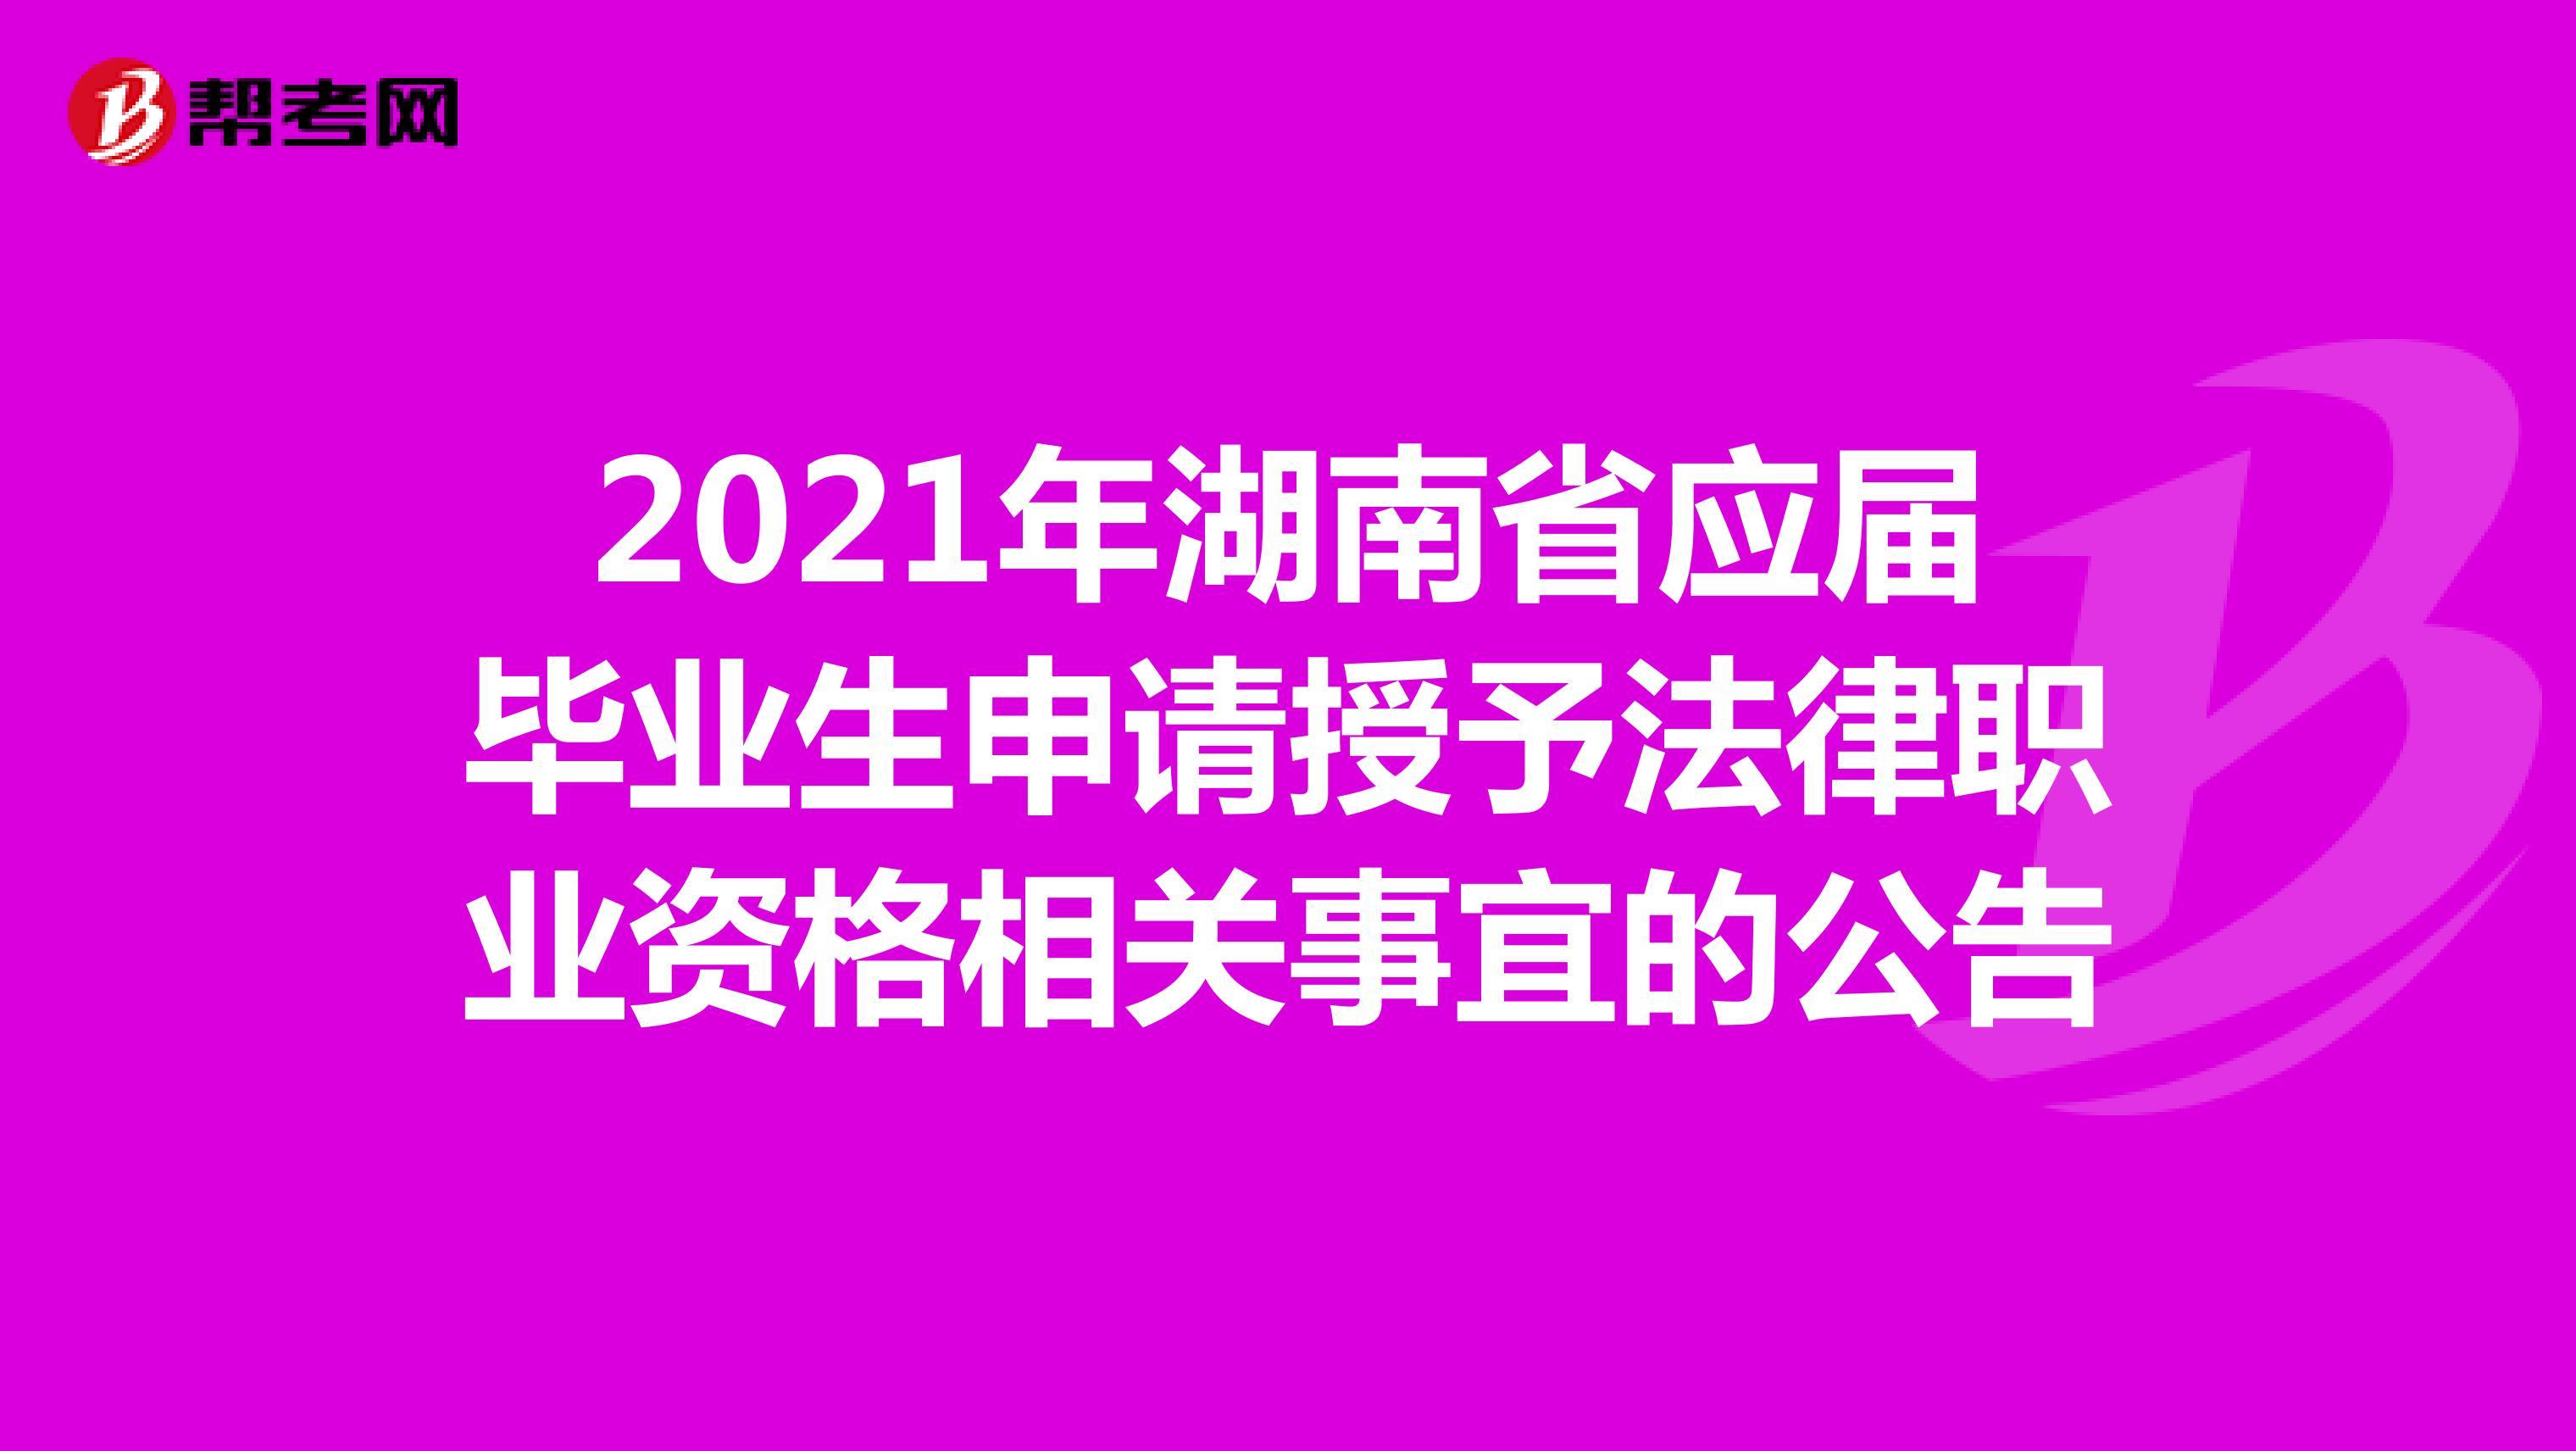 2021年湖南省应届毕业生申请授予法律职业资格相关事宜的公告